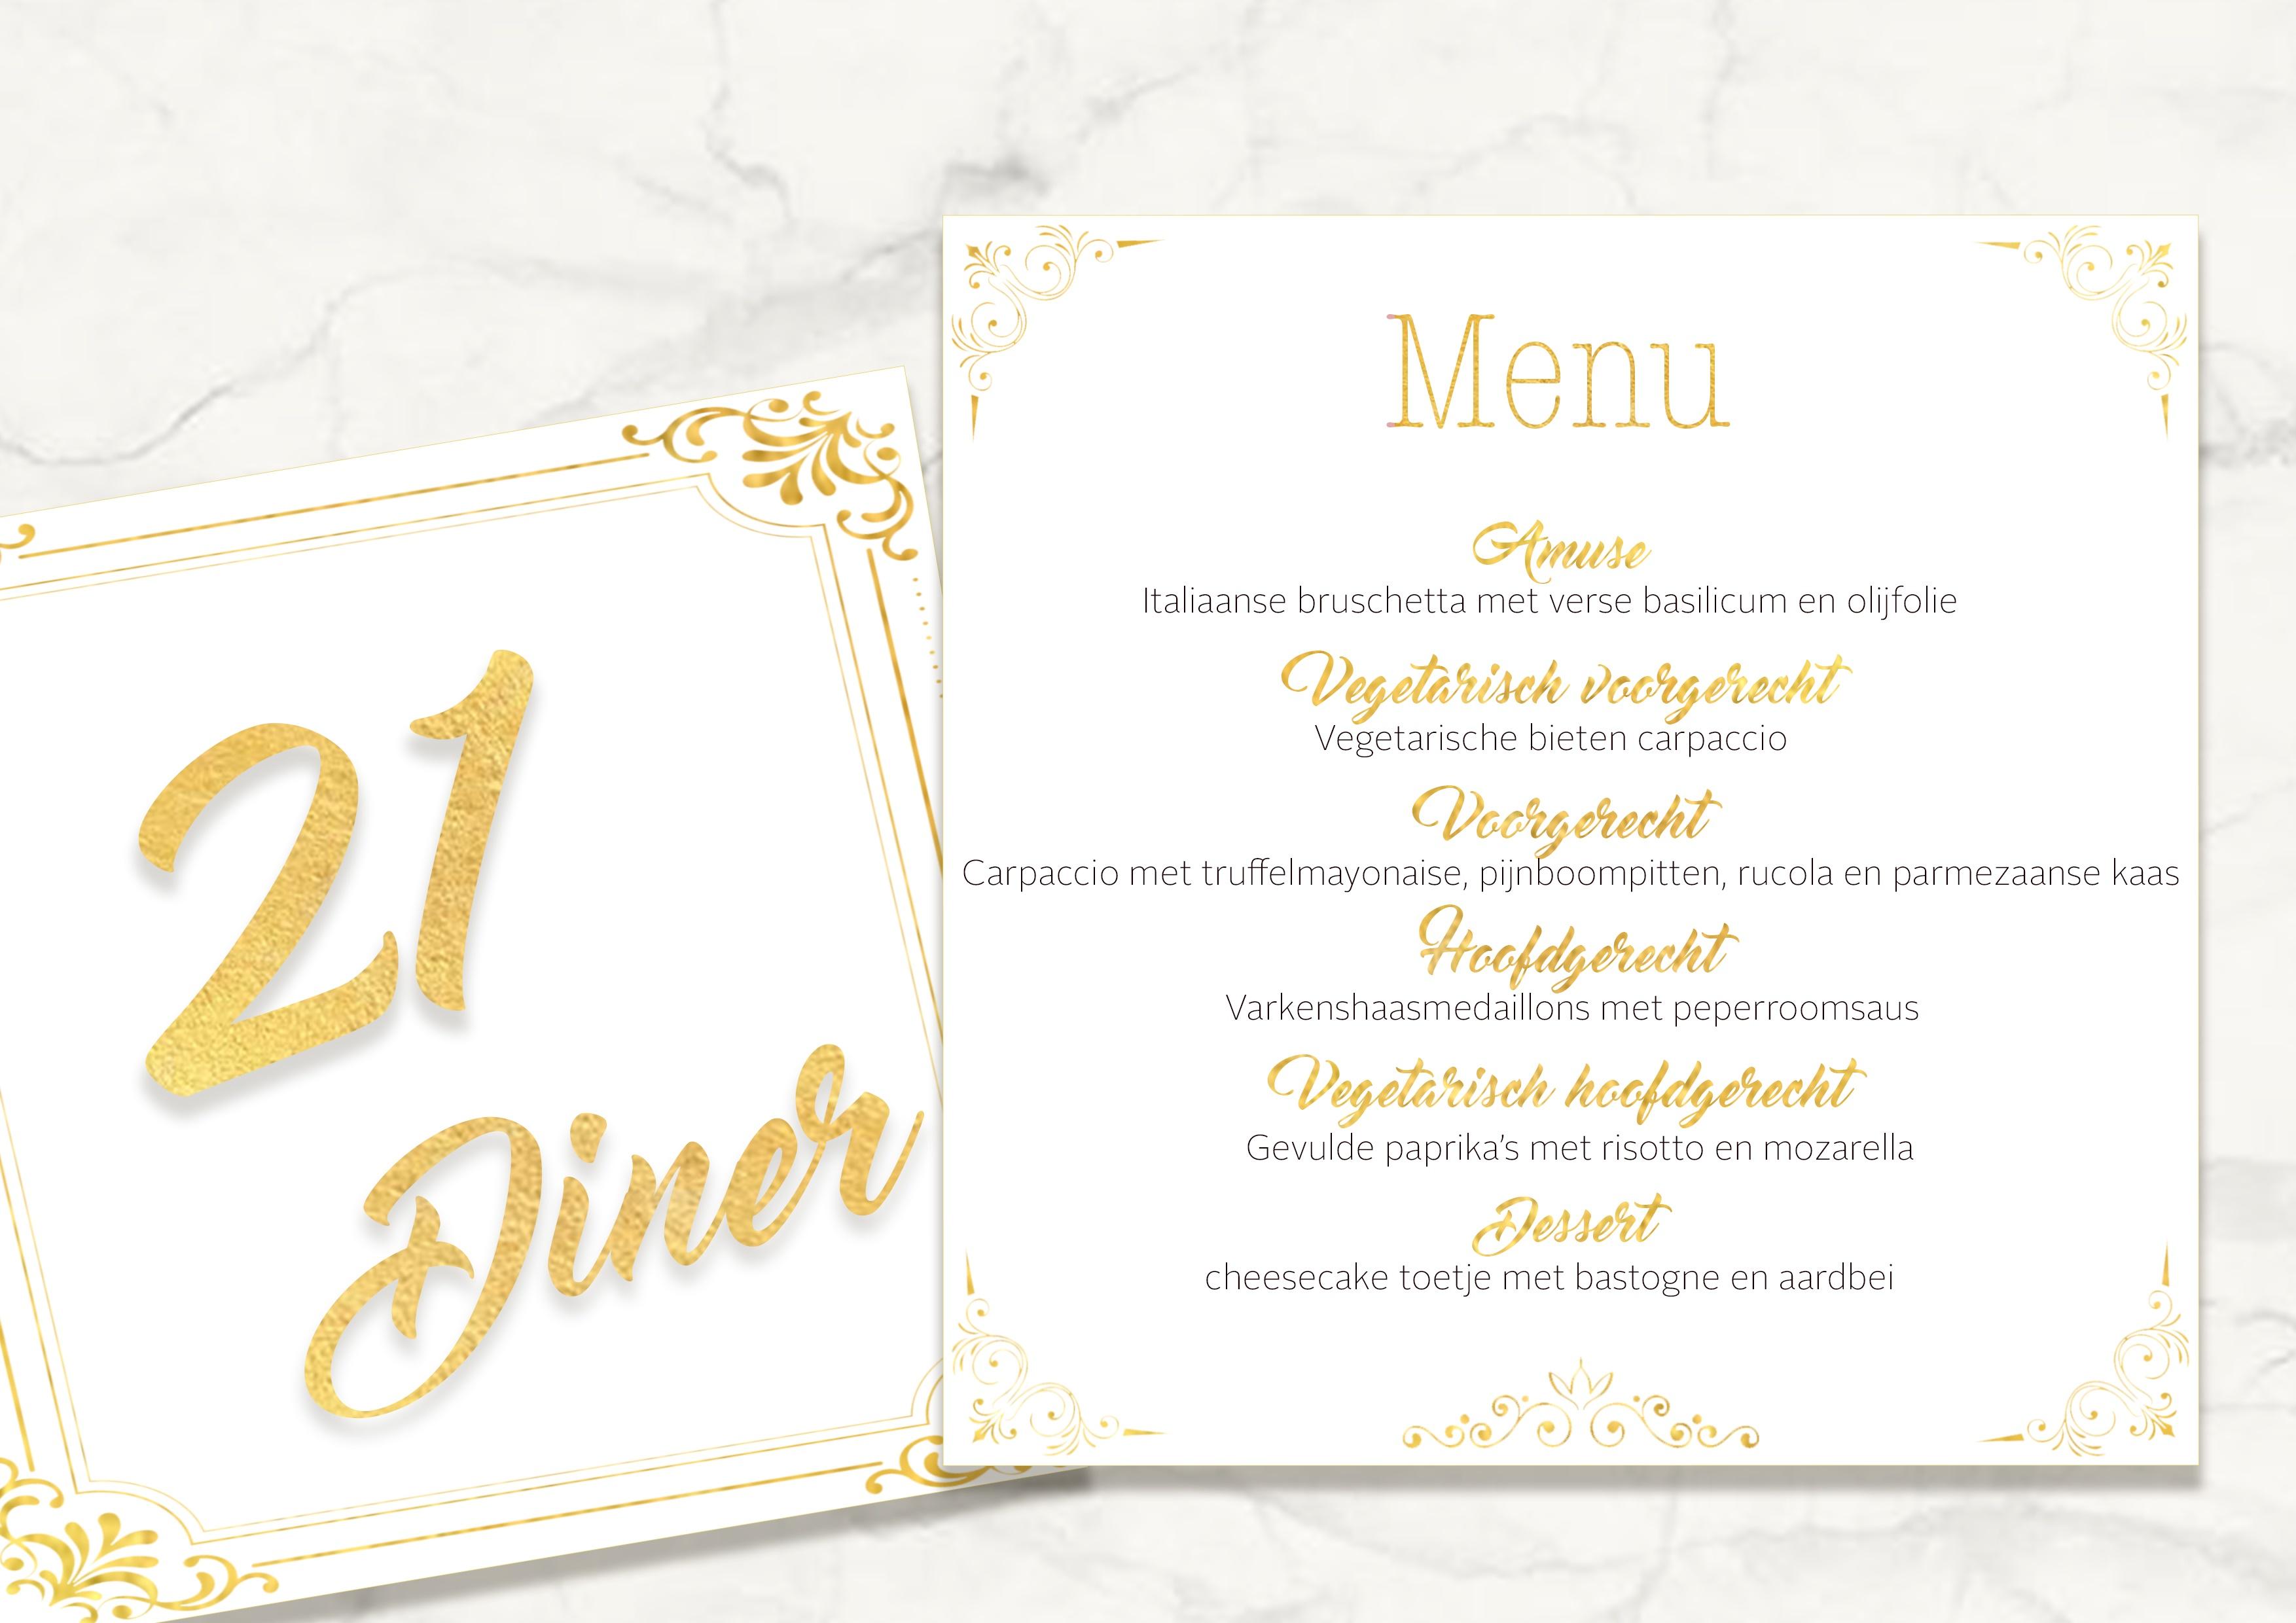 Nieuw 21 diner organiseren: Lees hier alle regels en tips! | EDITED by OTTO VS-72